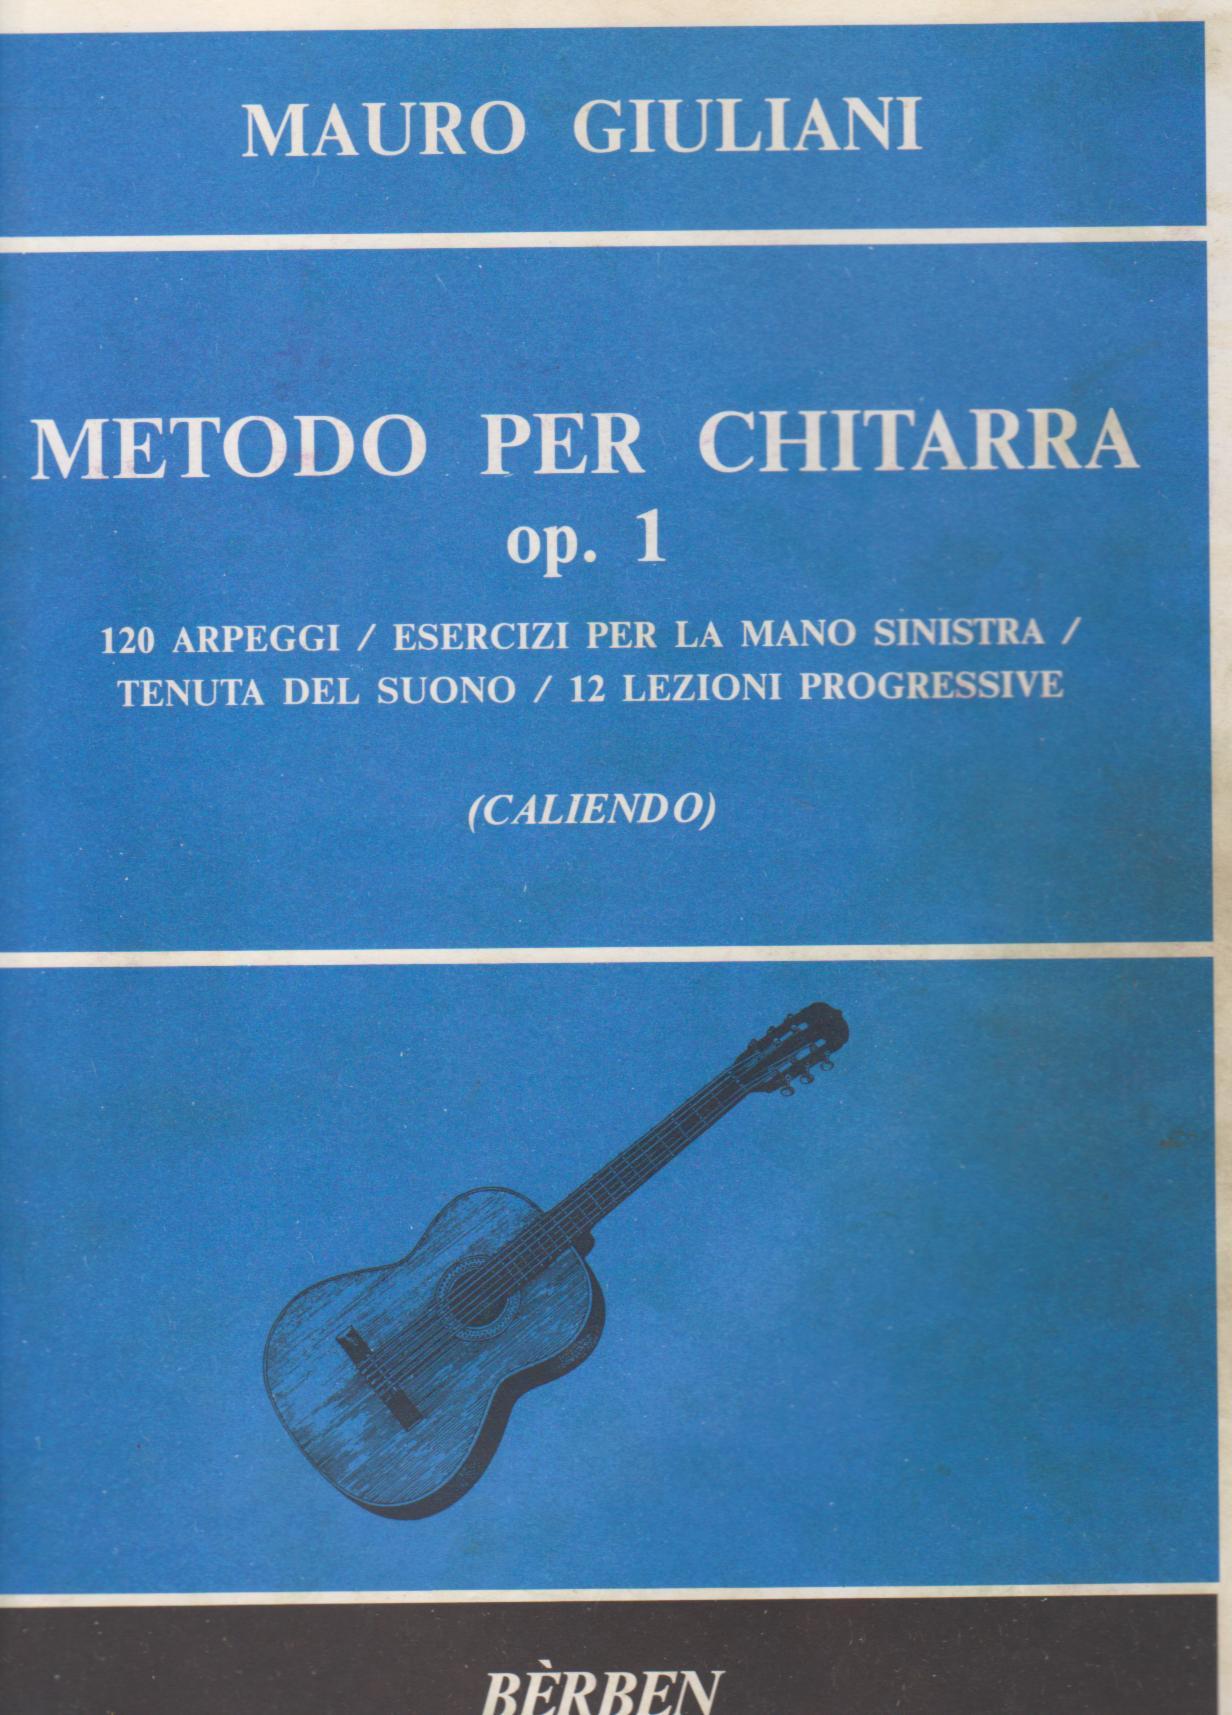 Metodo per Chitarra, op. 1